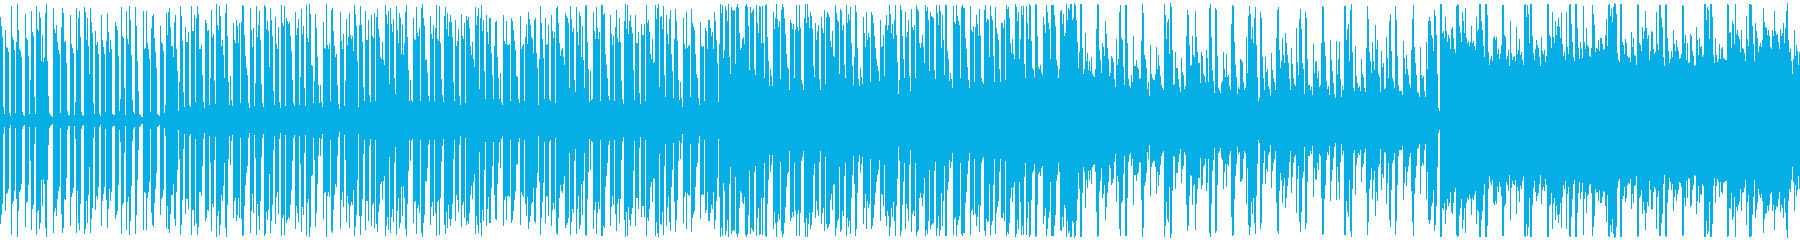 交通情報や天気予報にループできるBGMの再生済みの波形